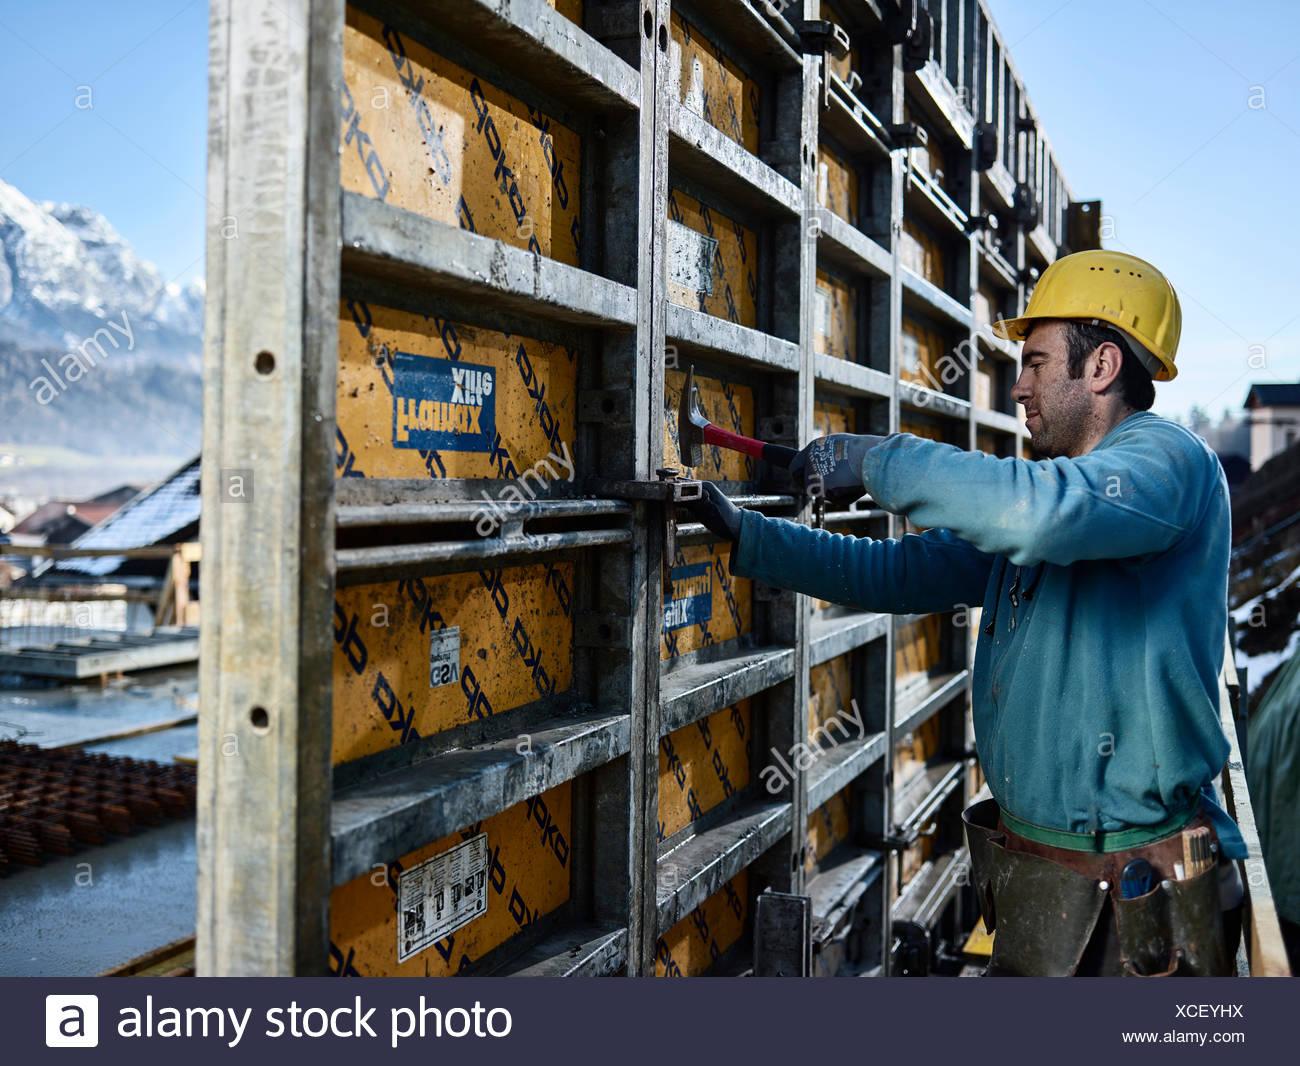 Travailleur de la construction de l'élément de liaison de frapper avec un marteau, pour coffrage mur, Innsbruck Land, Tyrol, Autriche Photo Stock